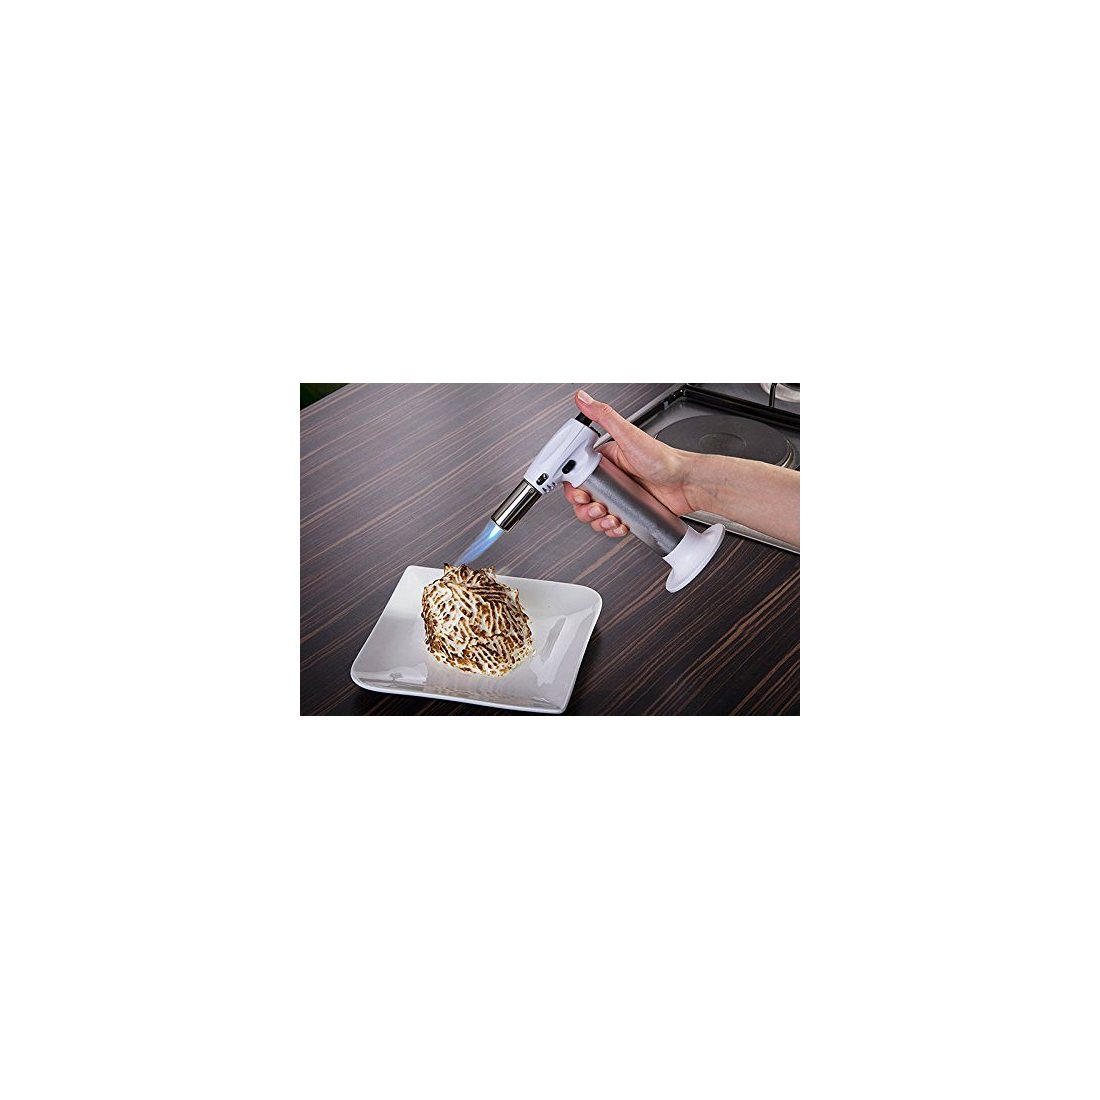 Queta Chalumeau de Cuisine Professionel Chalumeau à Gaz Alimentaire Culinaire Brûleur pour Caramélisation Crème Brûlée Cuisso